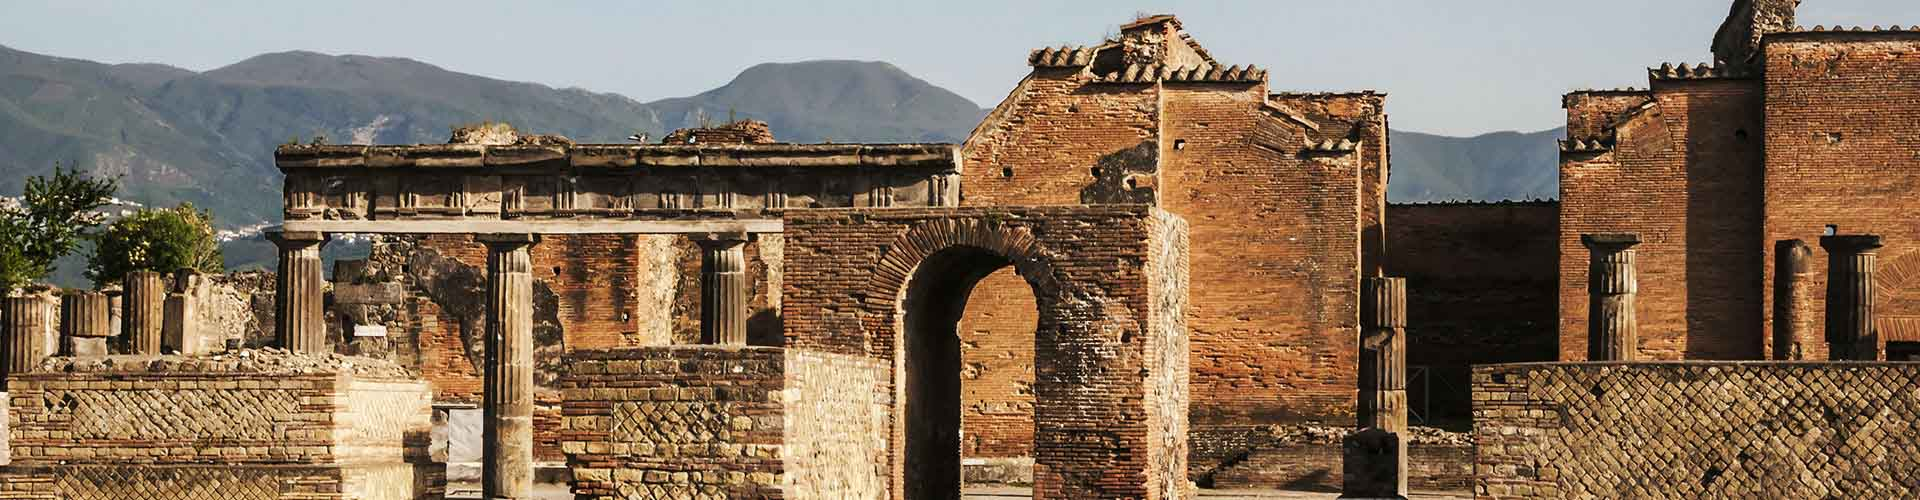 Pompei - Chambres à Pompei. Cartes pour Pompei, photos et commentaires pour chaque chambre à Pompei.